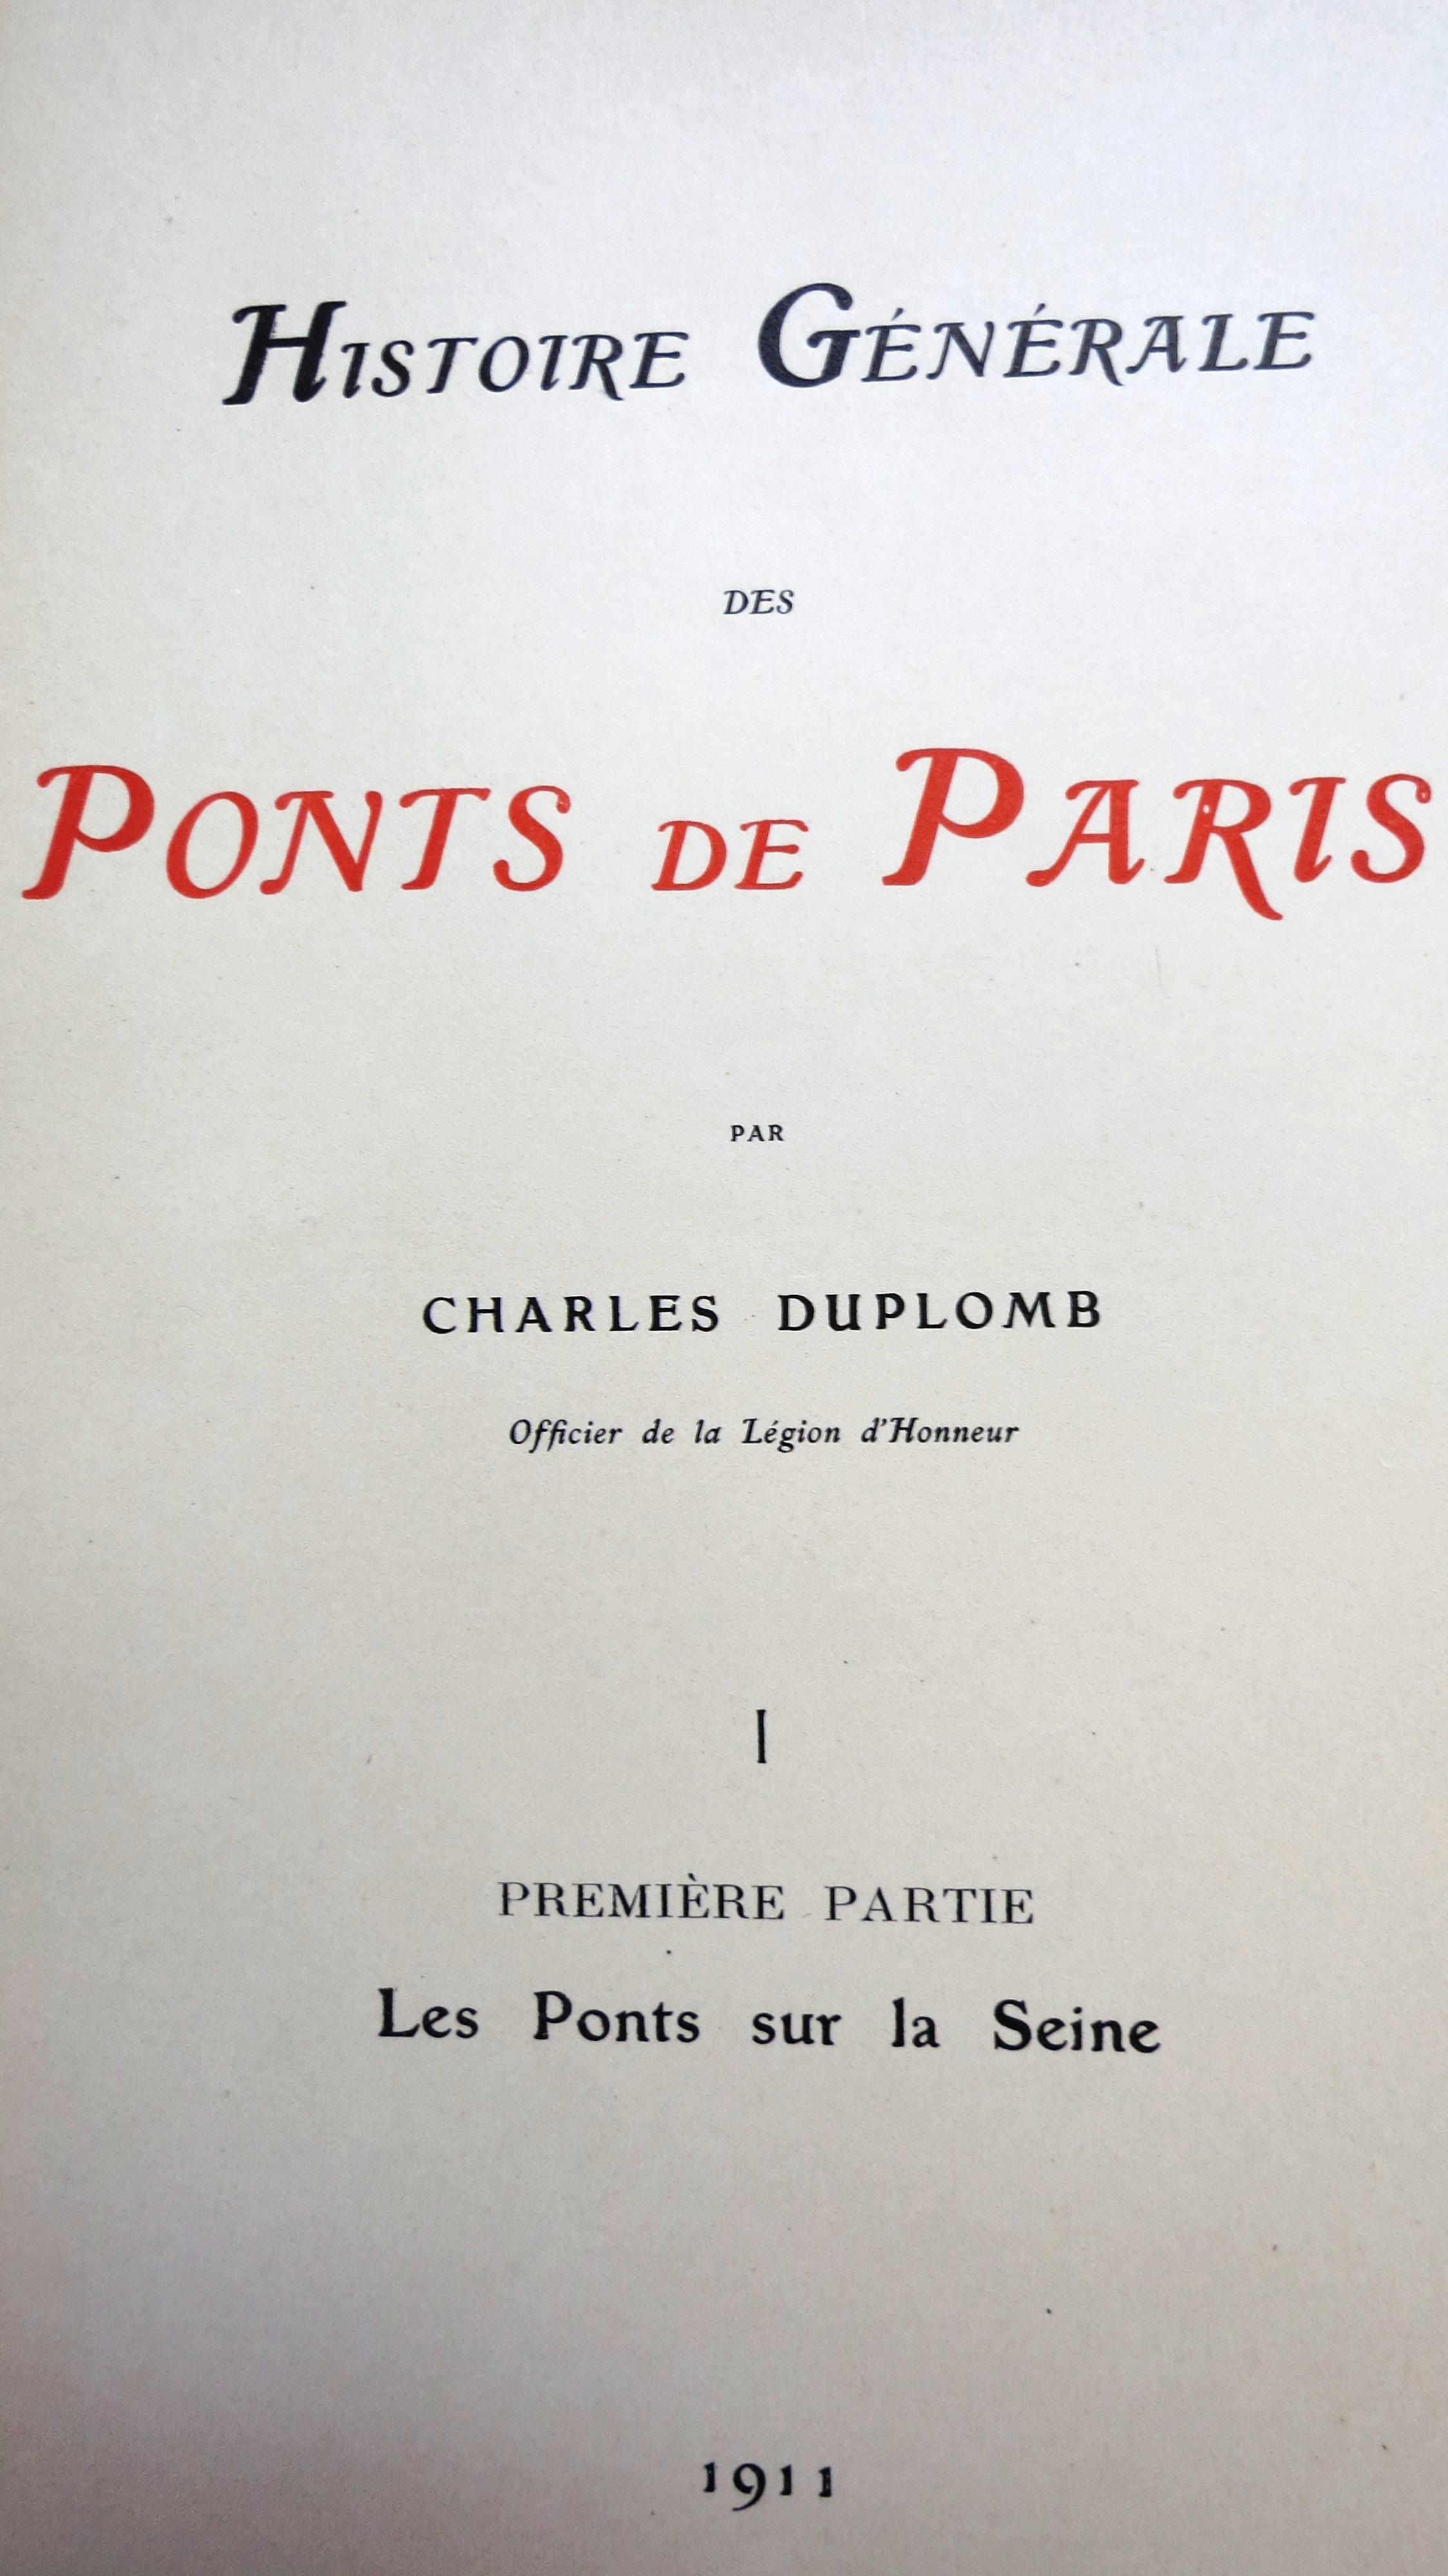 Histoire générale des Ponts de Paris